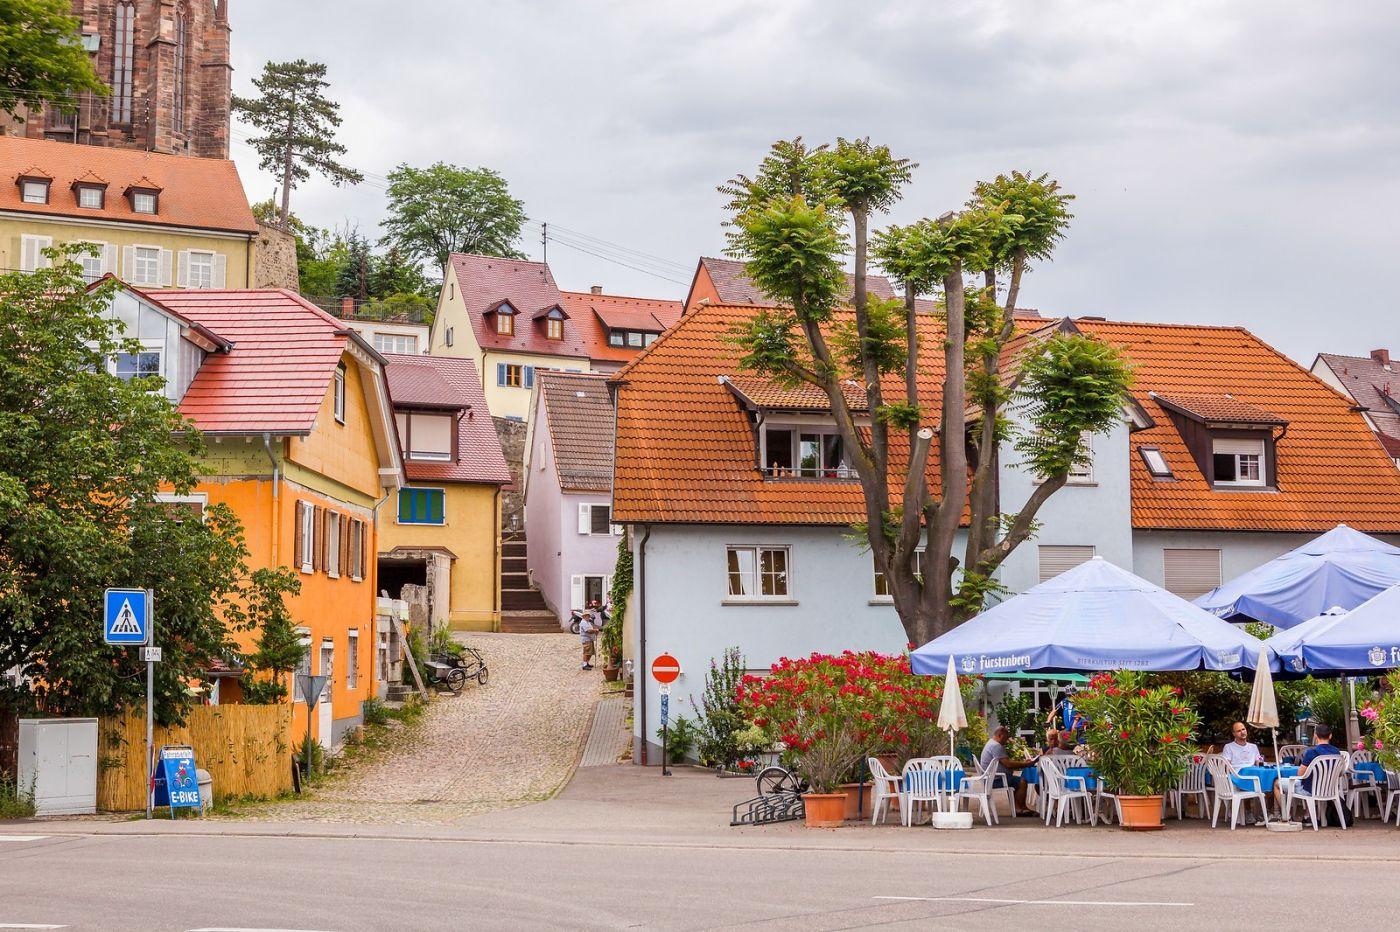 德国布赖萨赫(Breisach),城小历史久_图1-31